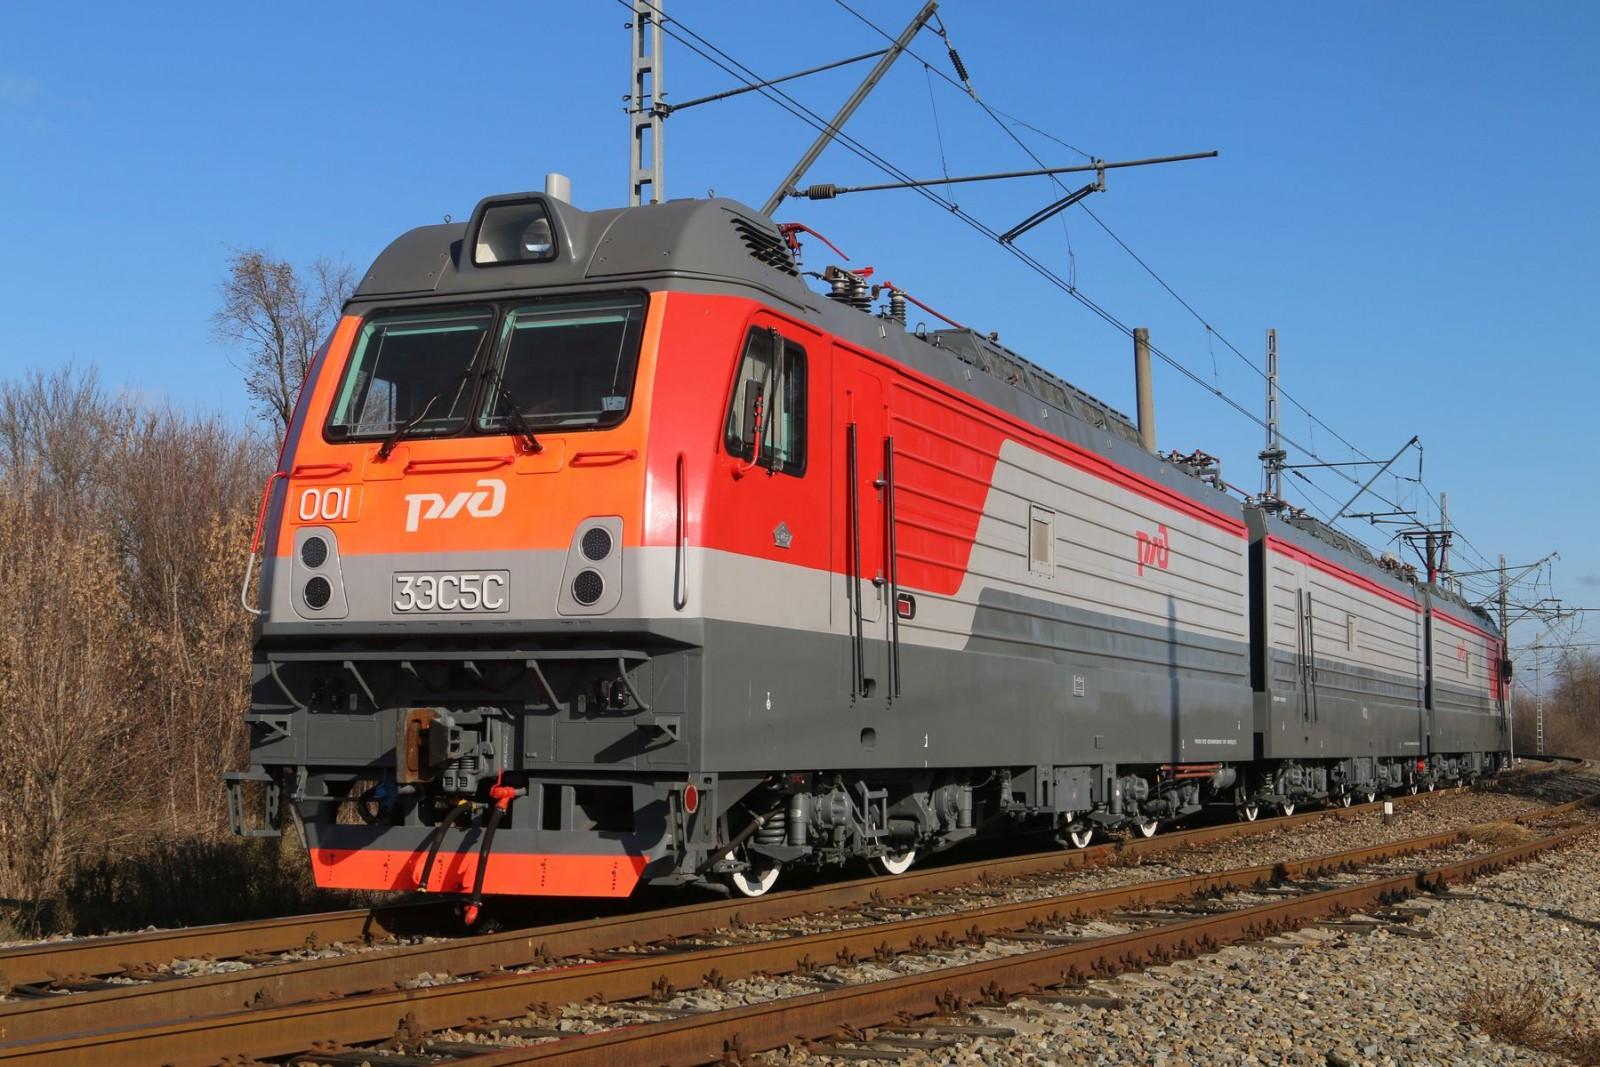 Успешно завершилась подконтрольная эксплуатация электровоза 3ЭС5С